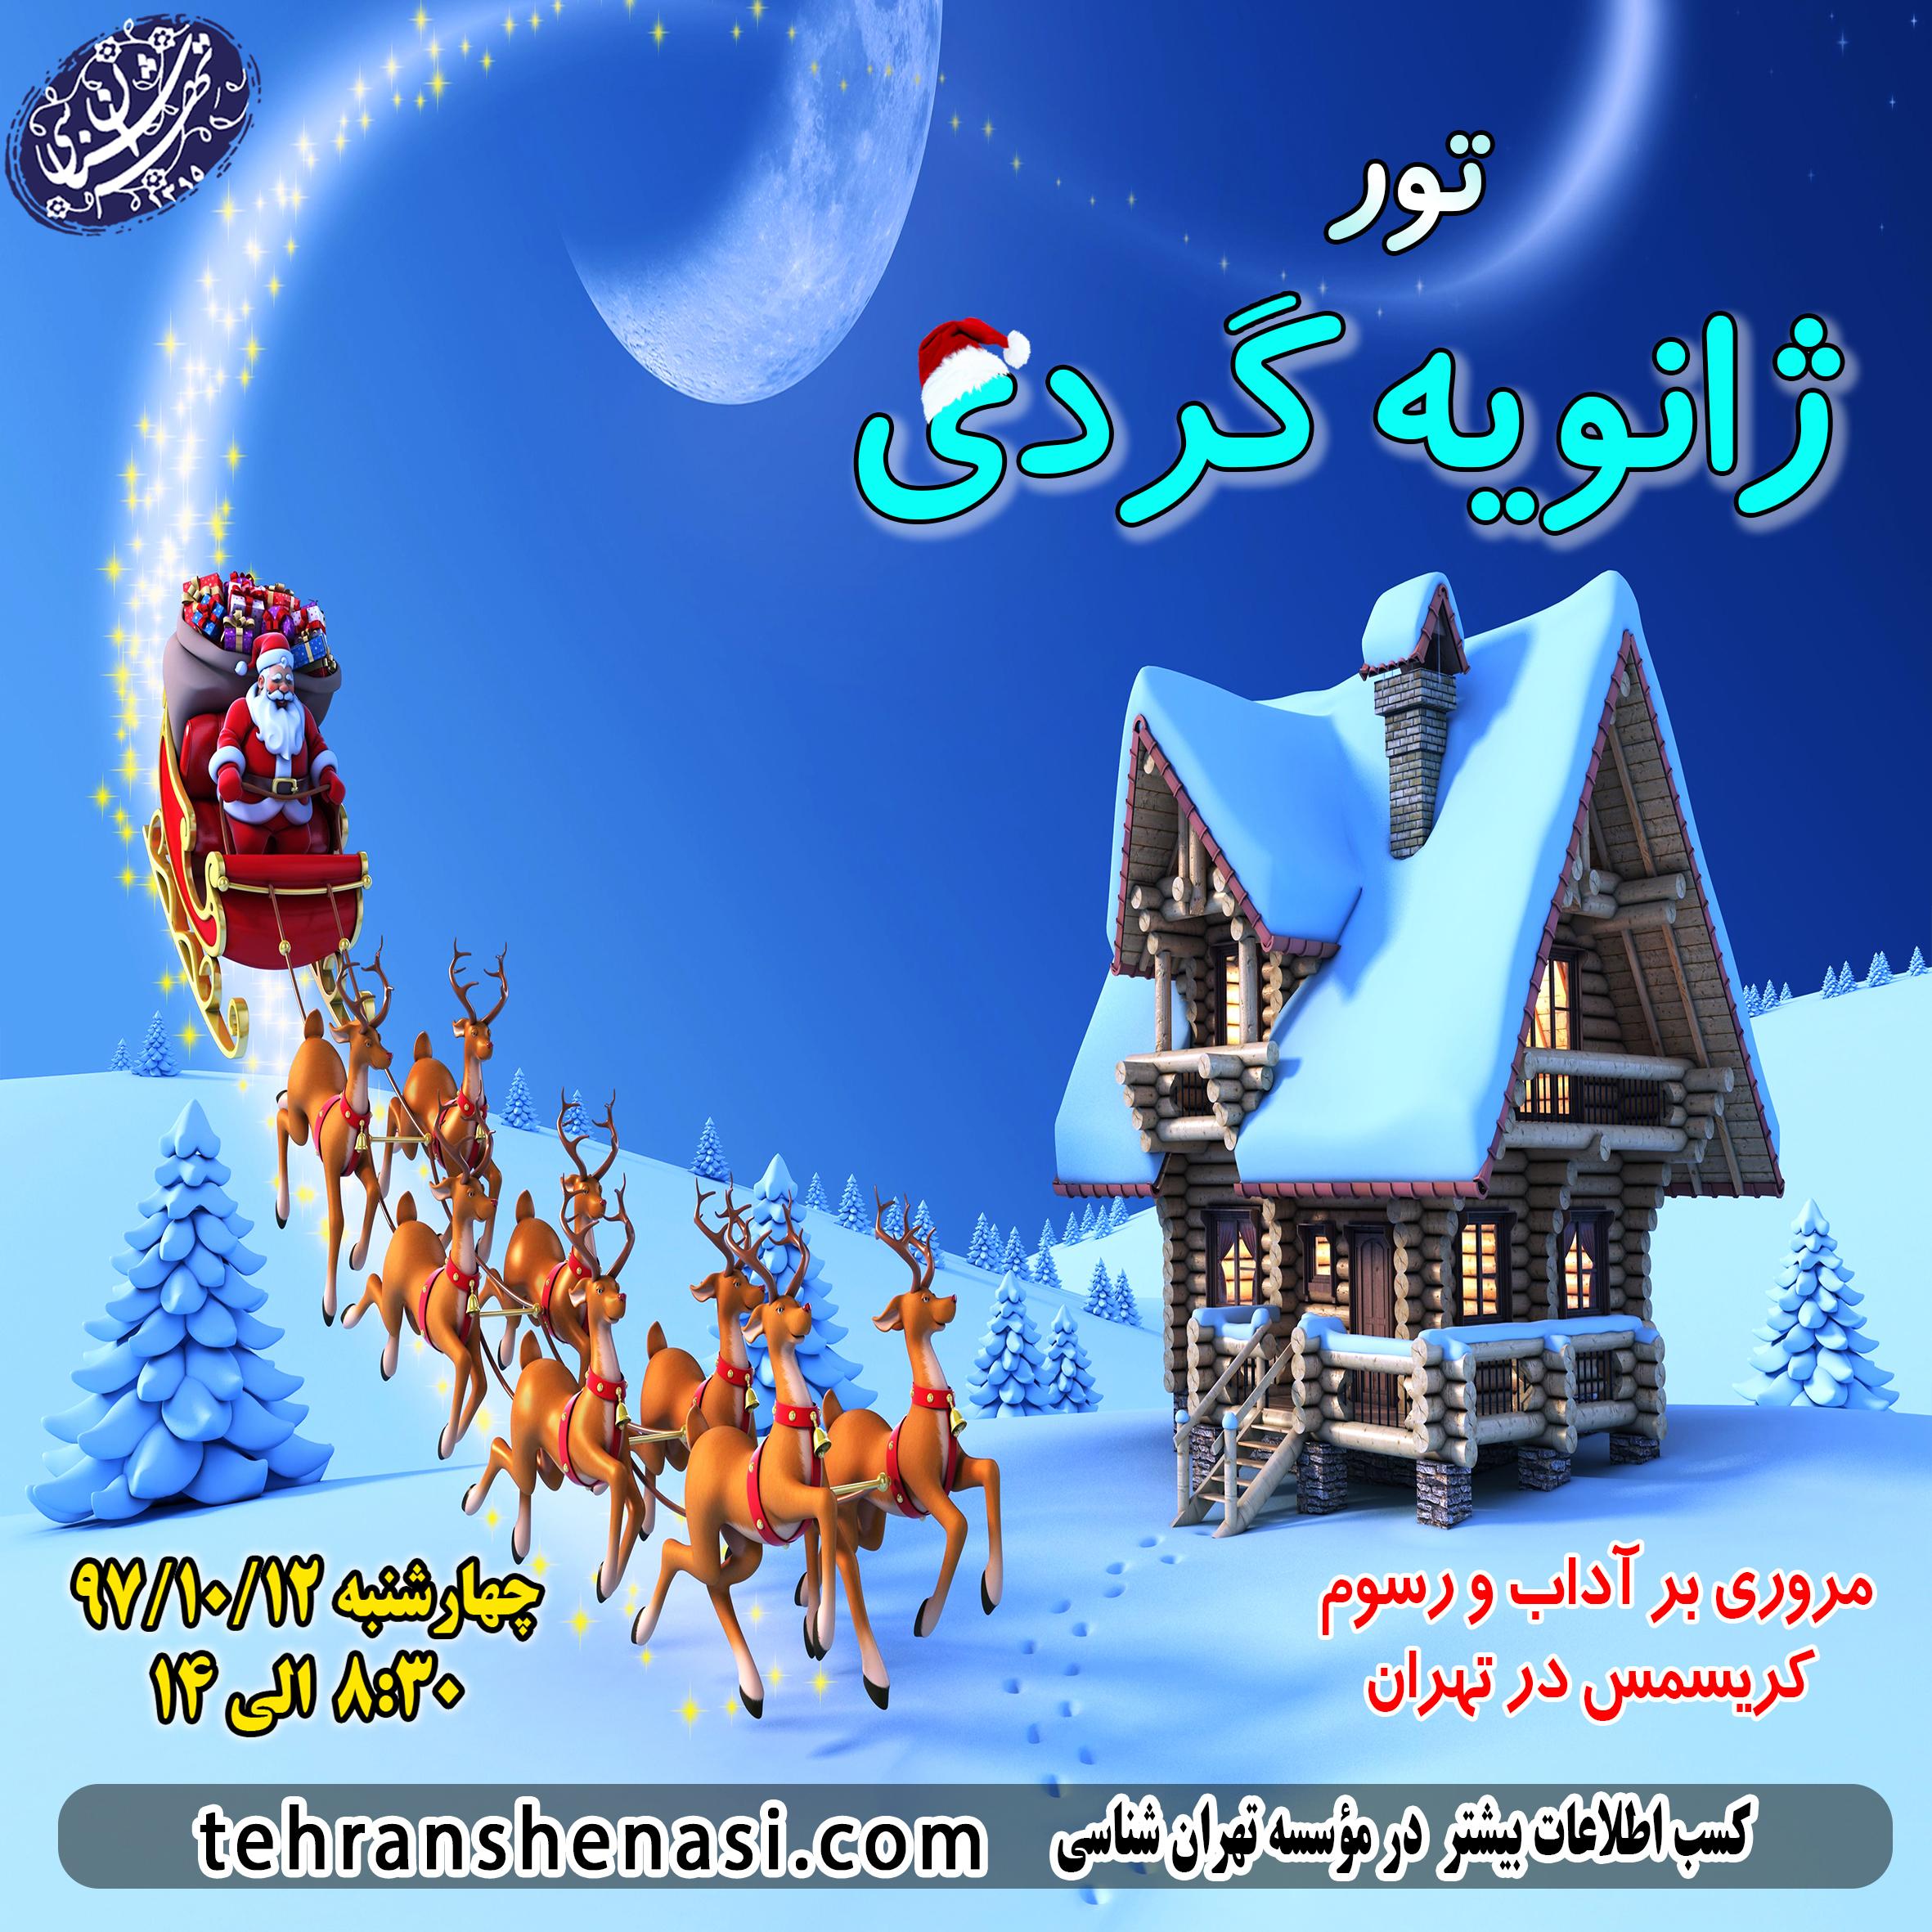 تور ژانویه گردی - تهران شناسی